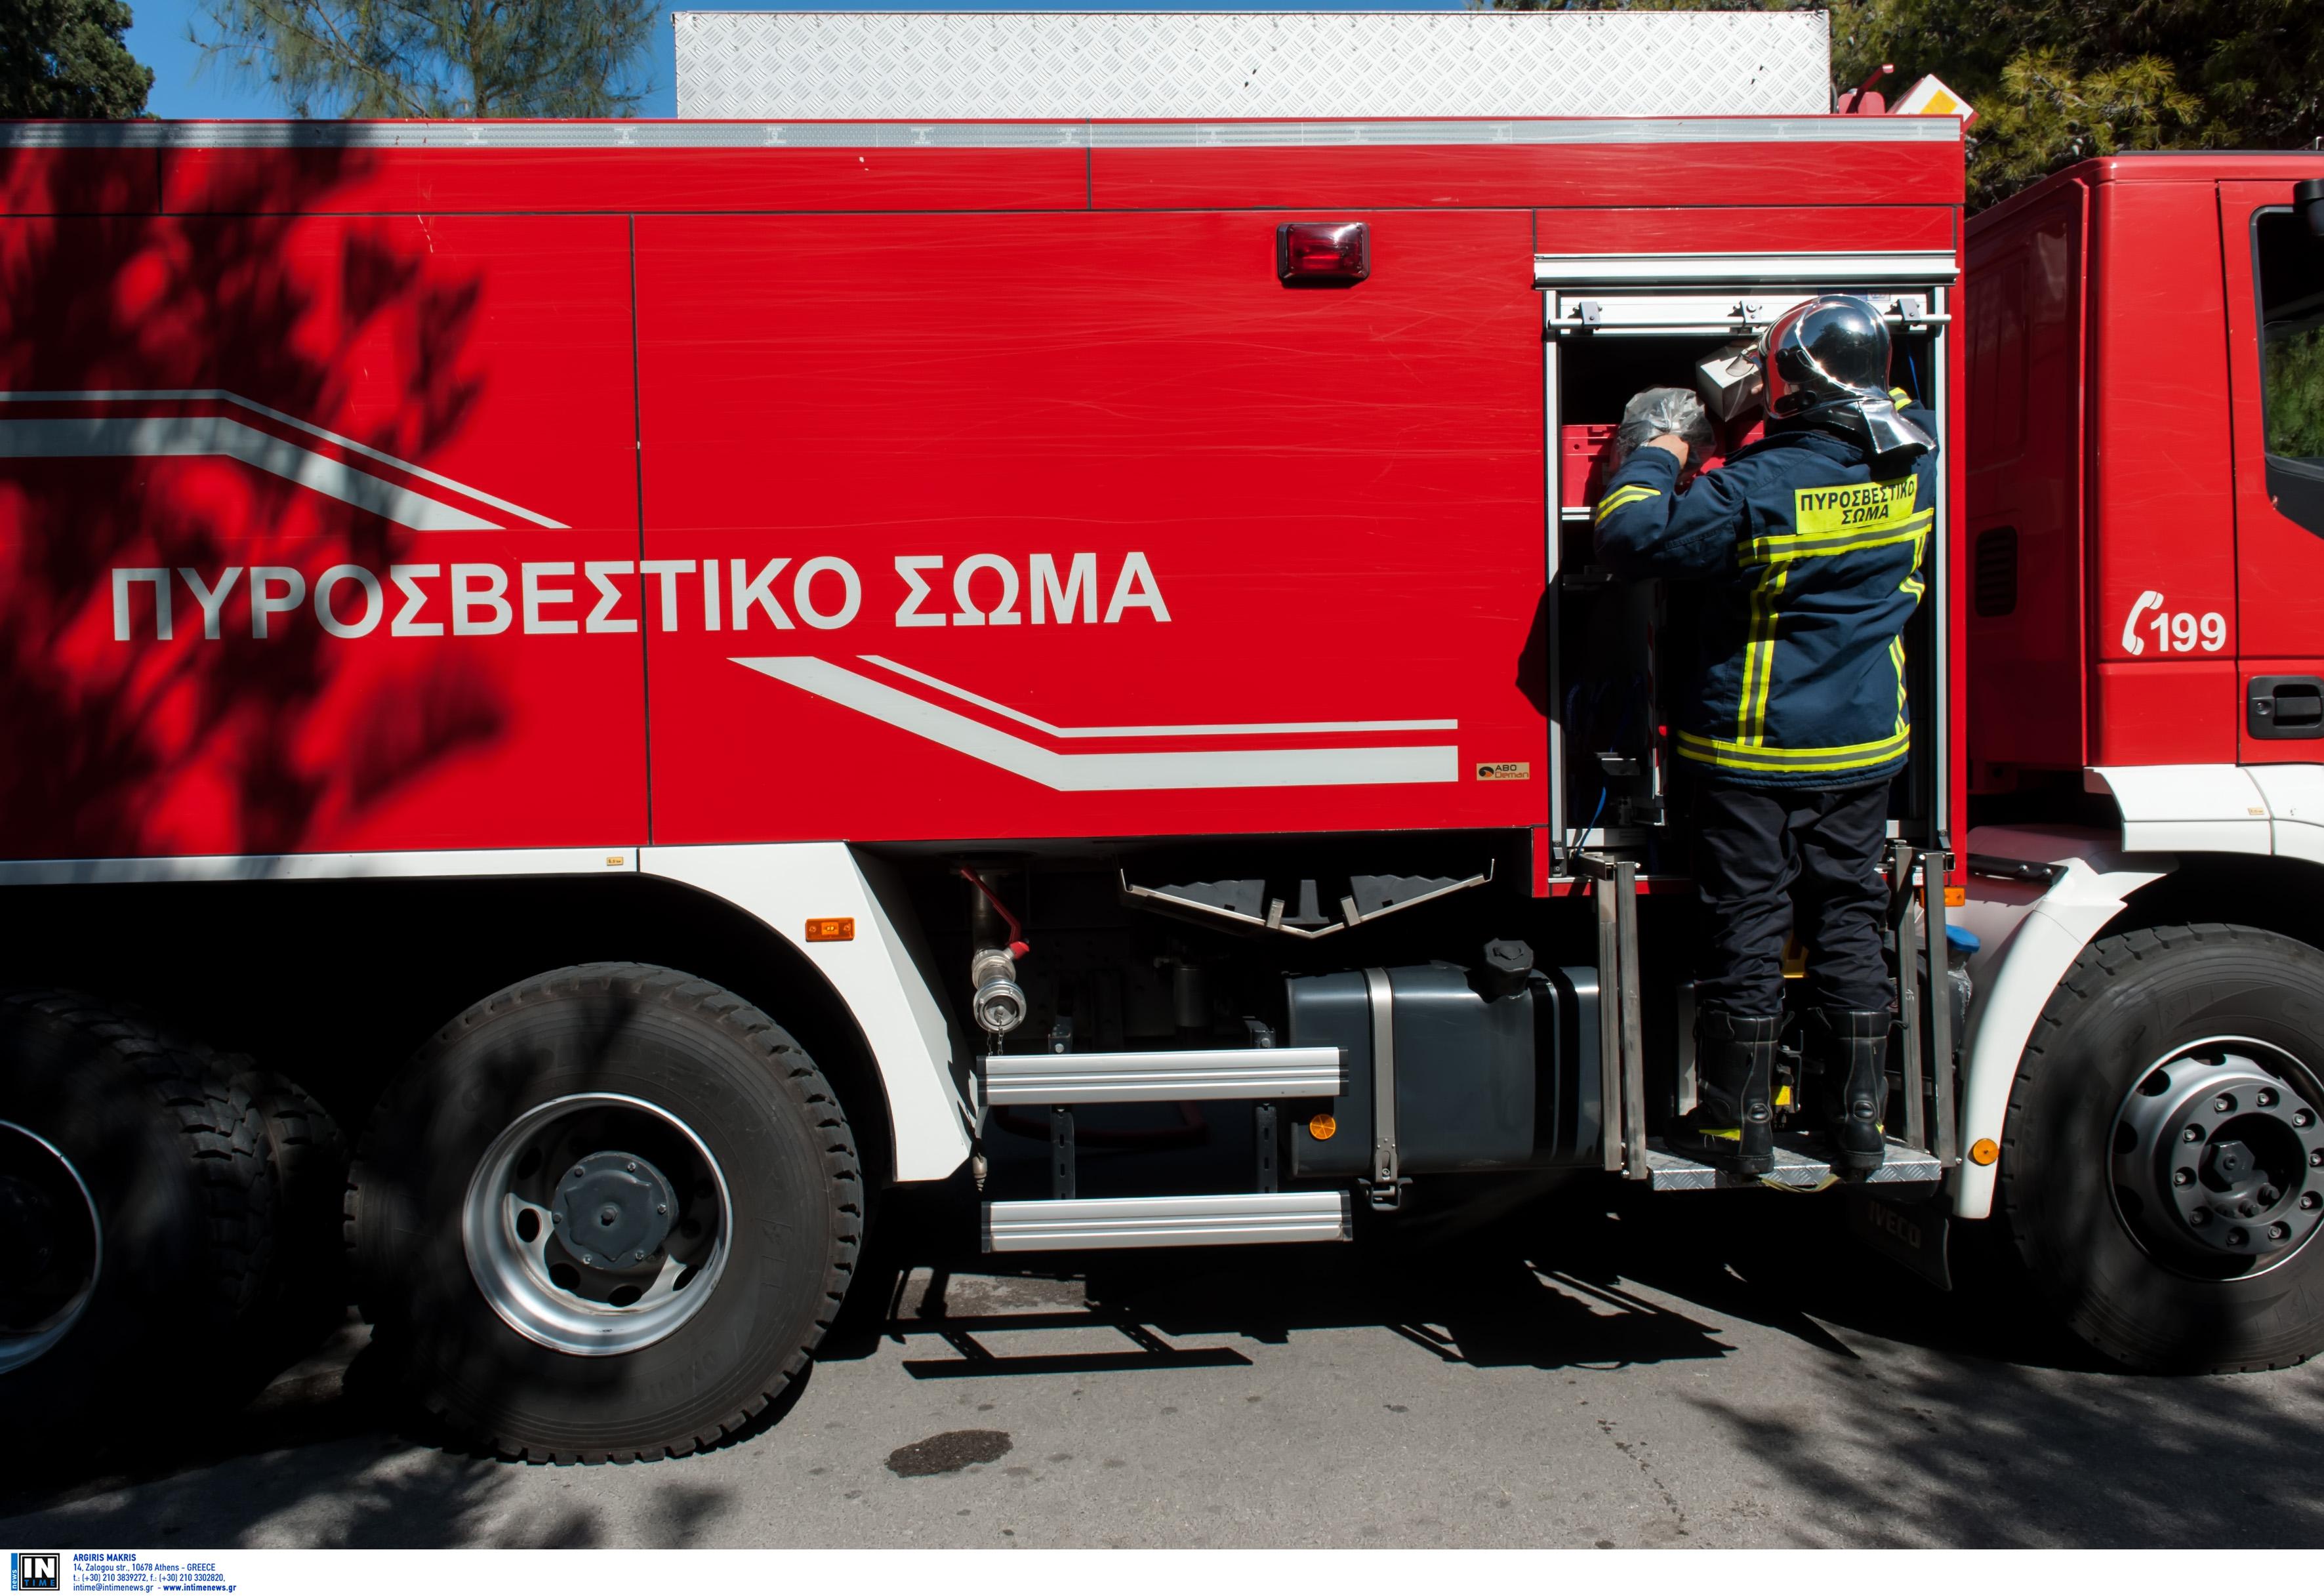 Θεσσαλονίκη: Συναγερμός για φωτιά σε υπόγειο πολυκαταστήματος – Η επέμβαση της πυροσβεστικής!